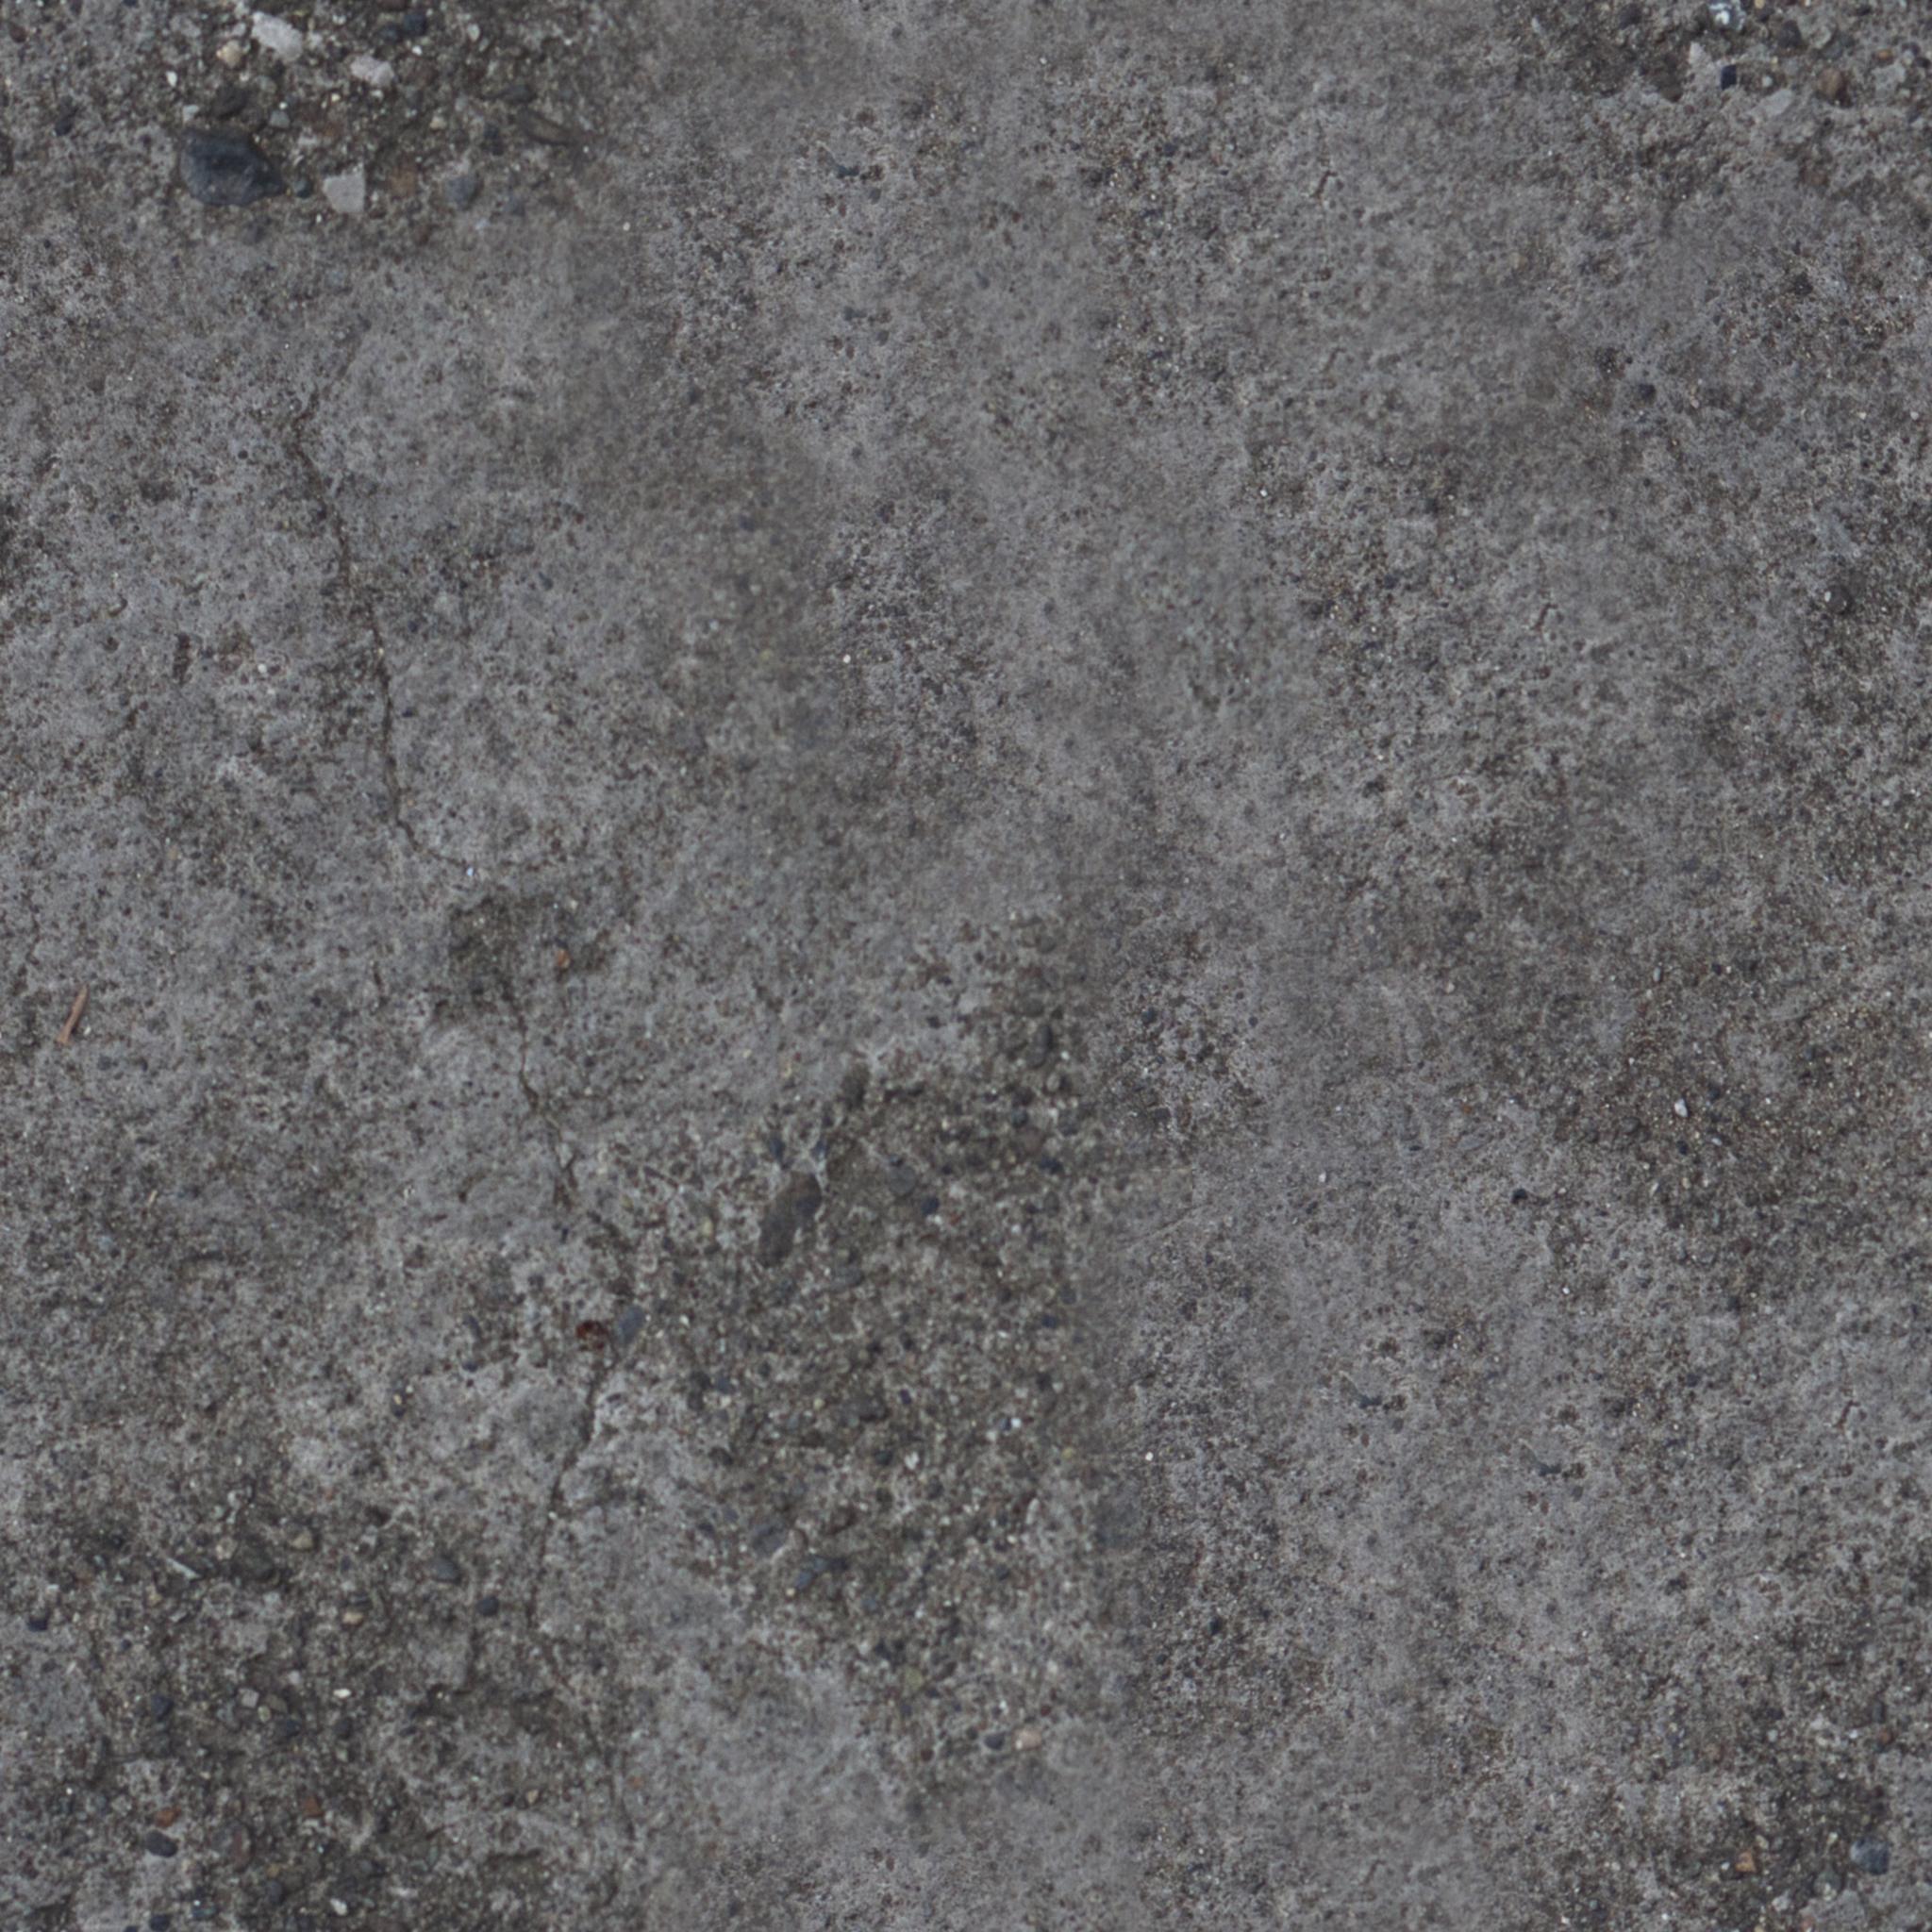 Dark Coarse Worn Concrete.jpg